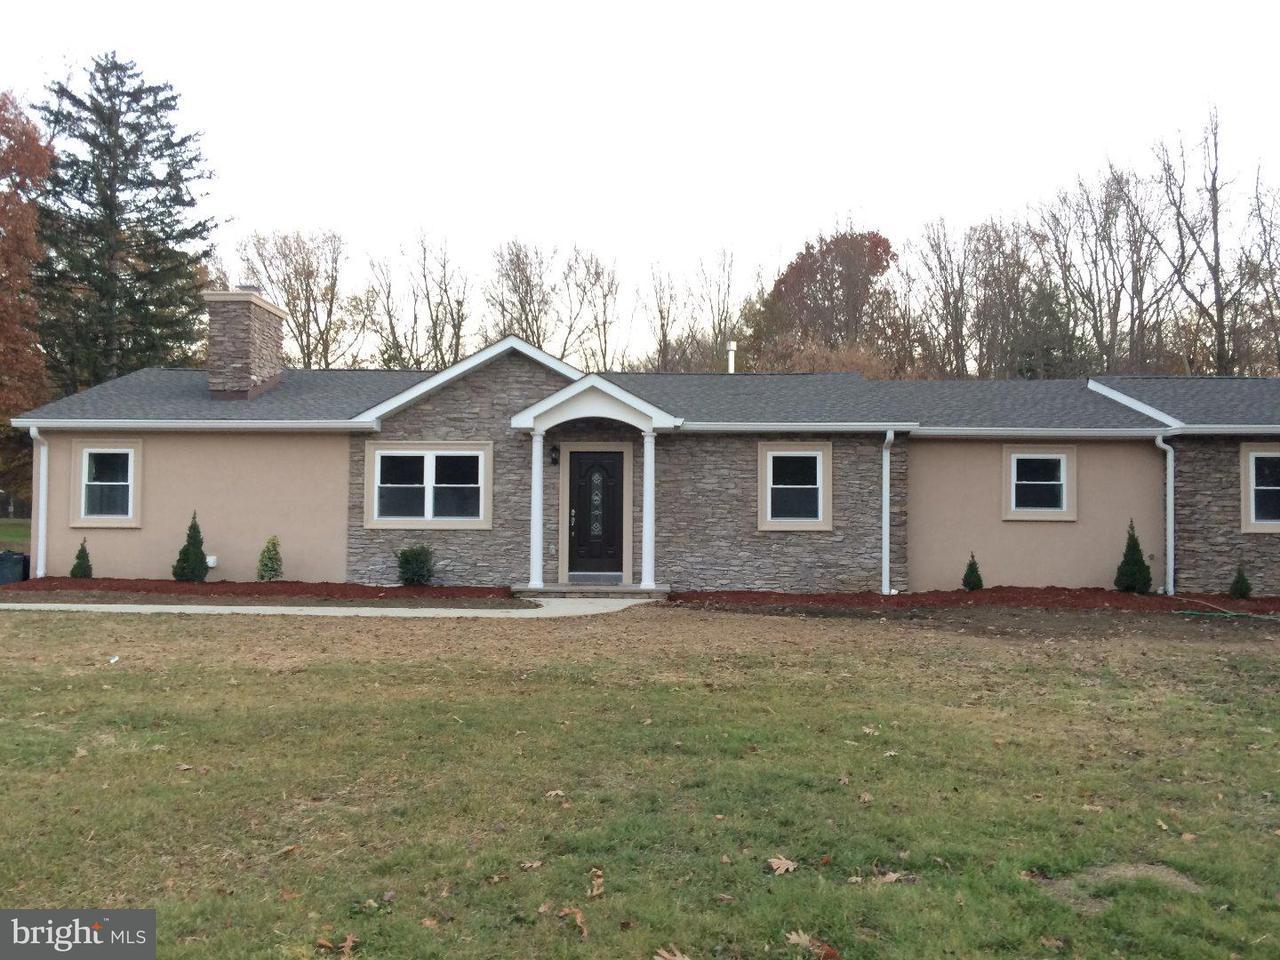 Casa Unifamiliar por un Alquiler en 131 EDGEBROOK RD #A Hamilton, Nueva Jersey 08691 Estados UnidosEn/Alrededor: Hamilton Township